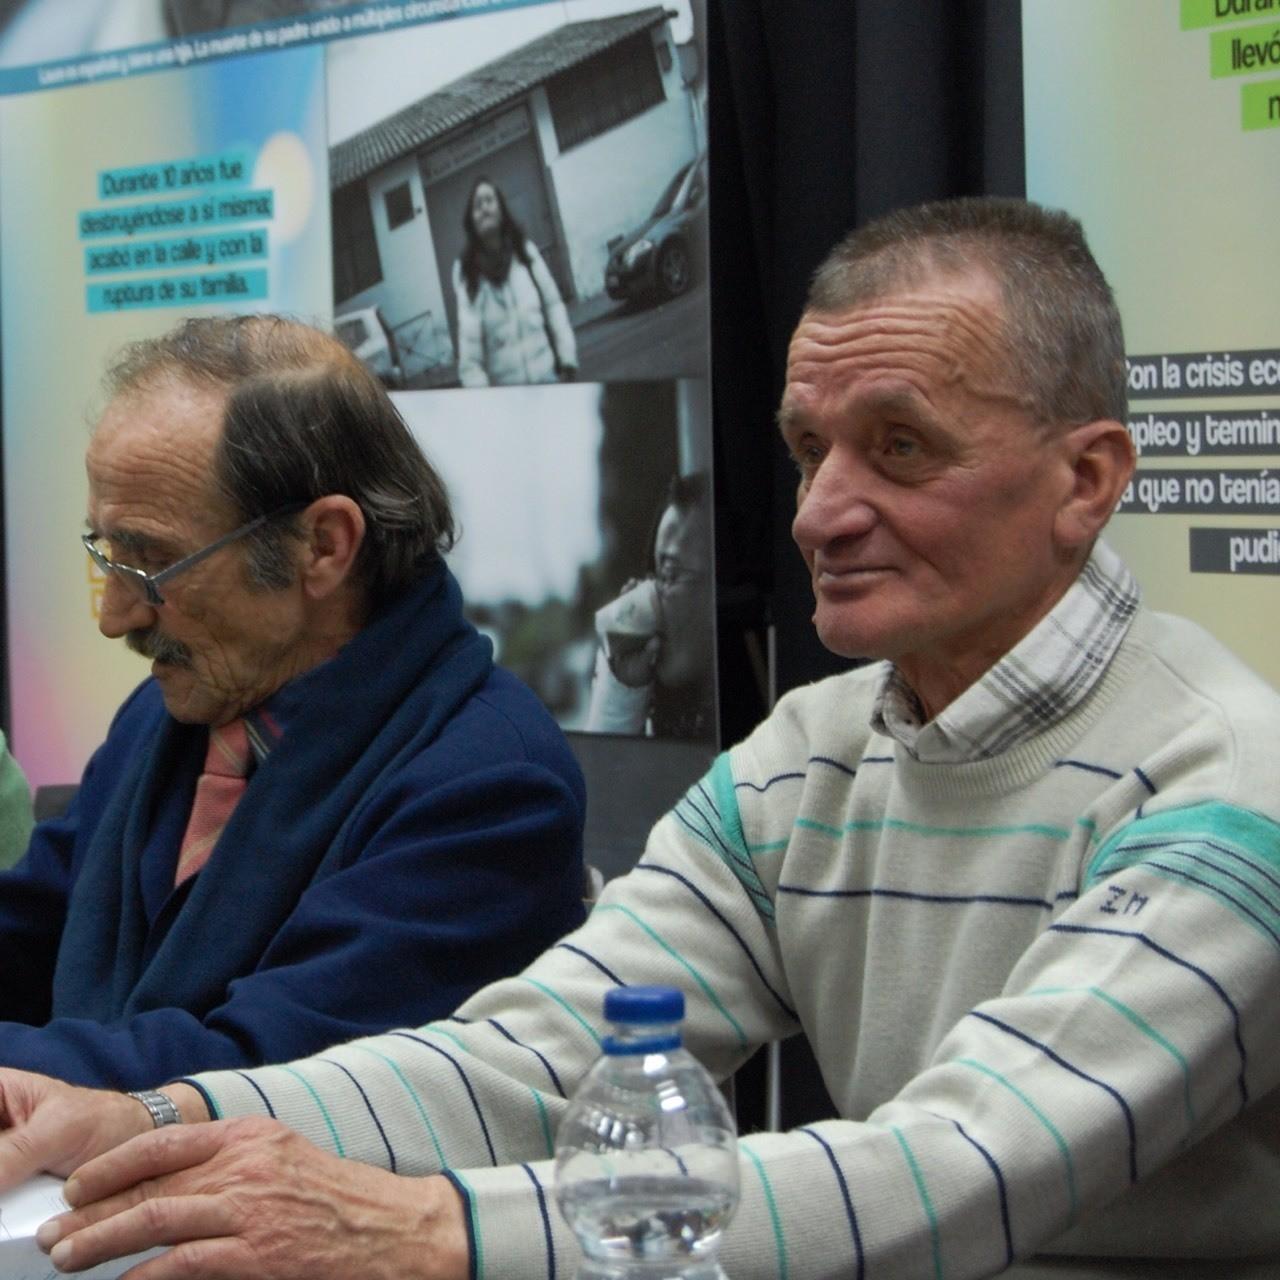 Juan y Ion, protagonistas de la exposición Personas sin Hogar